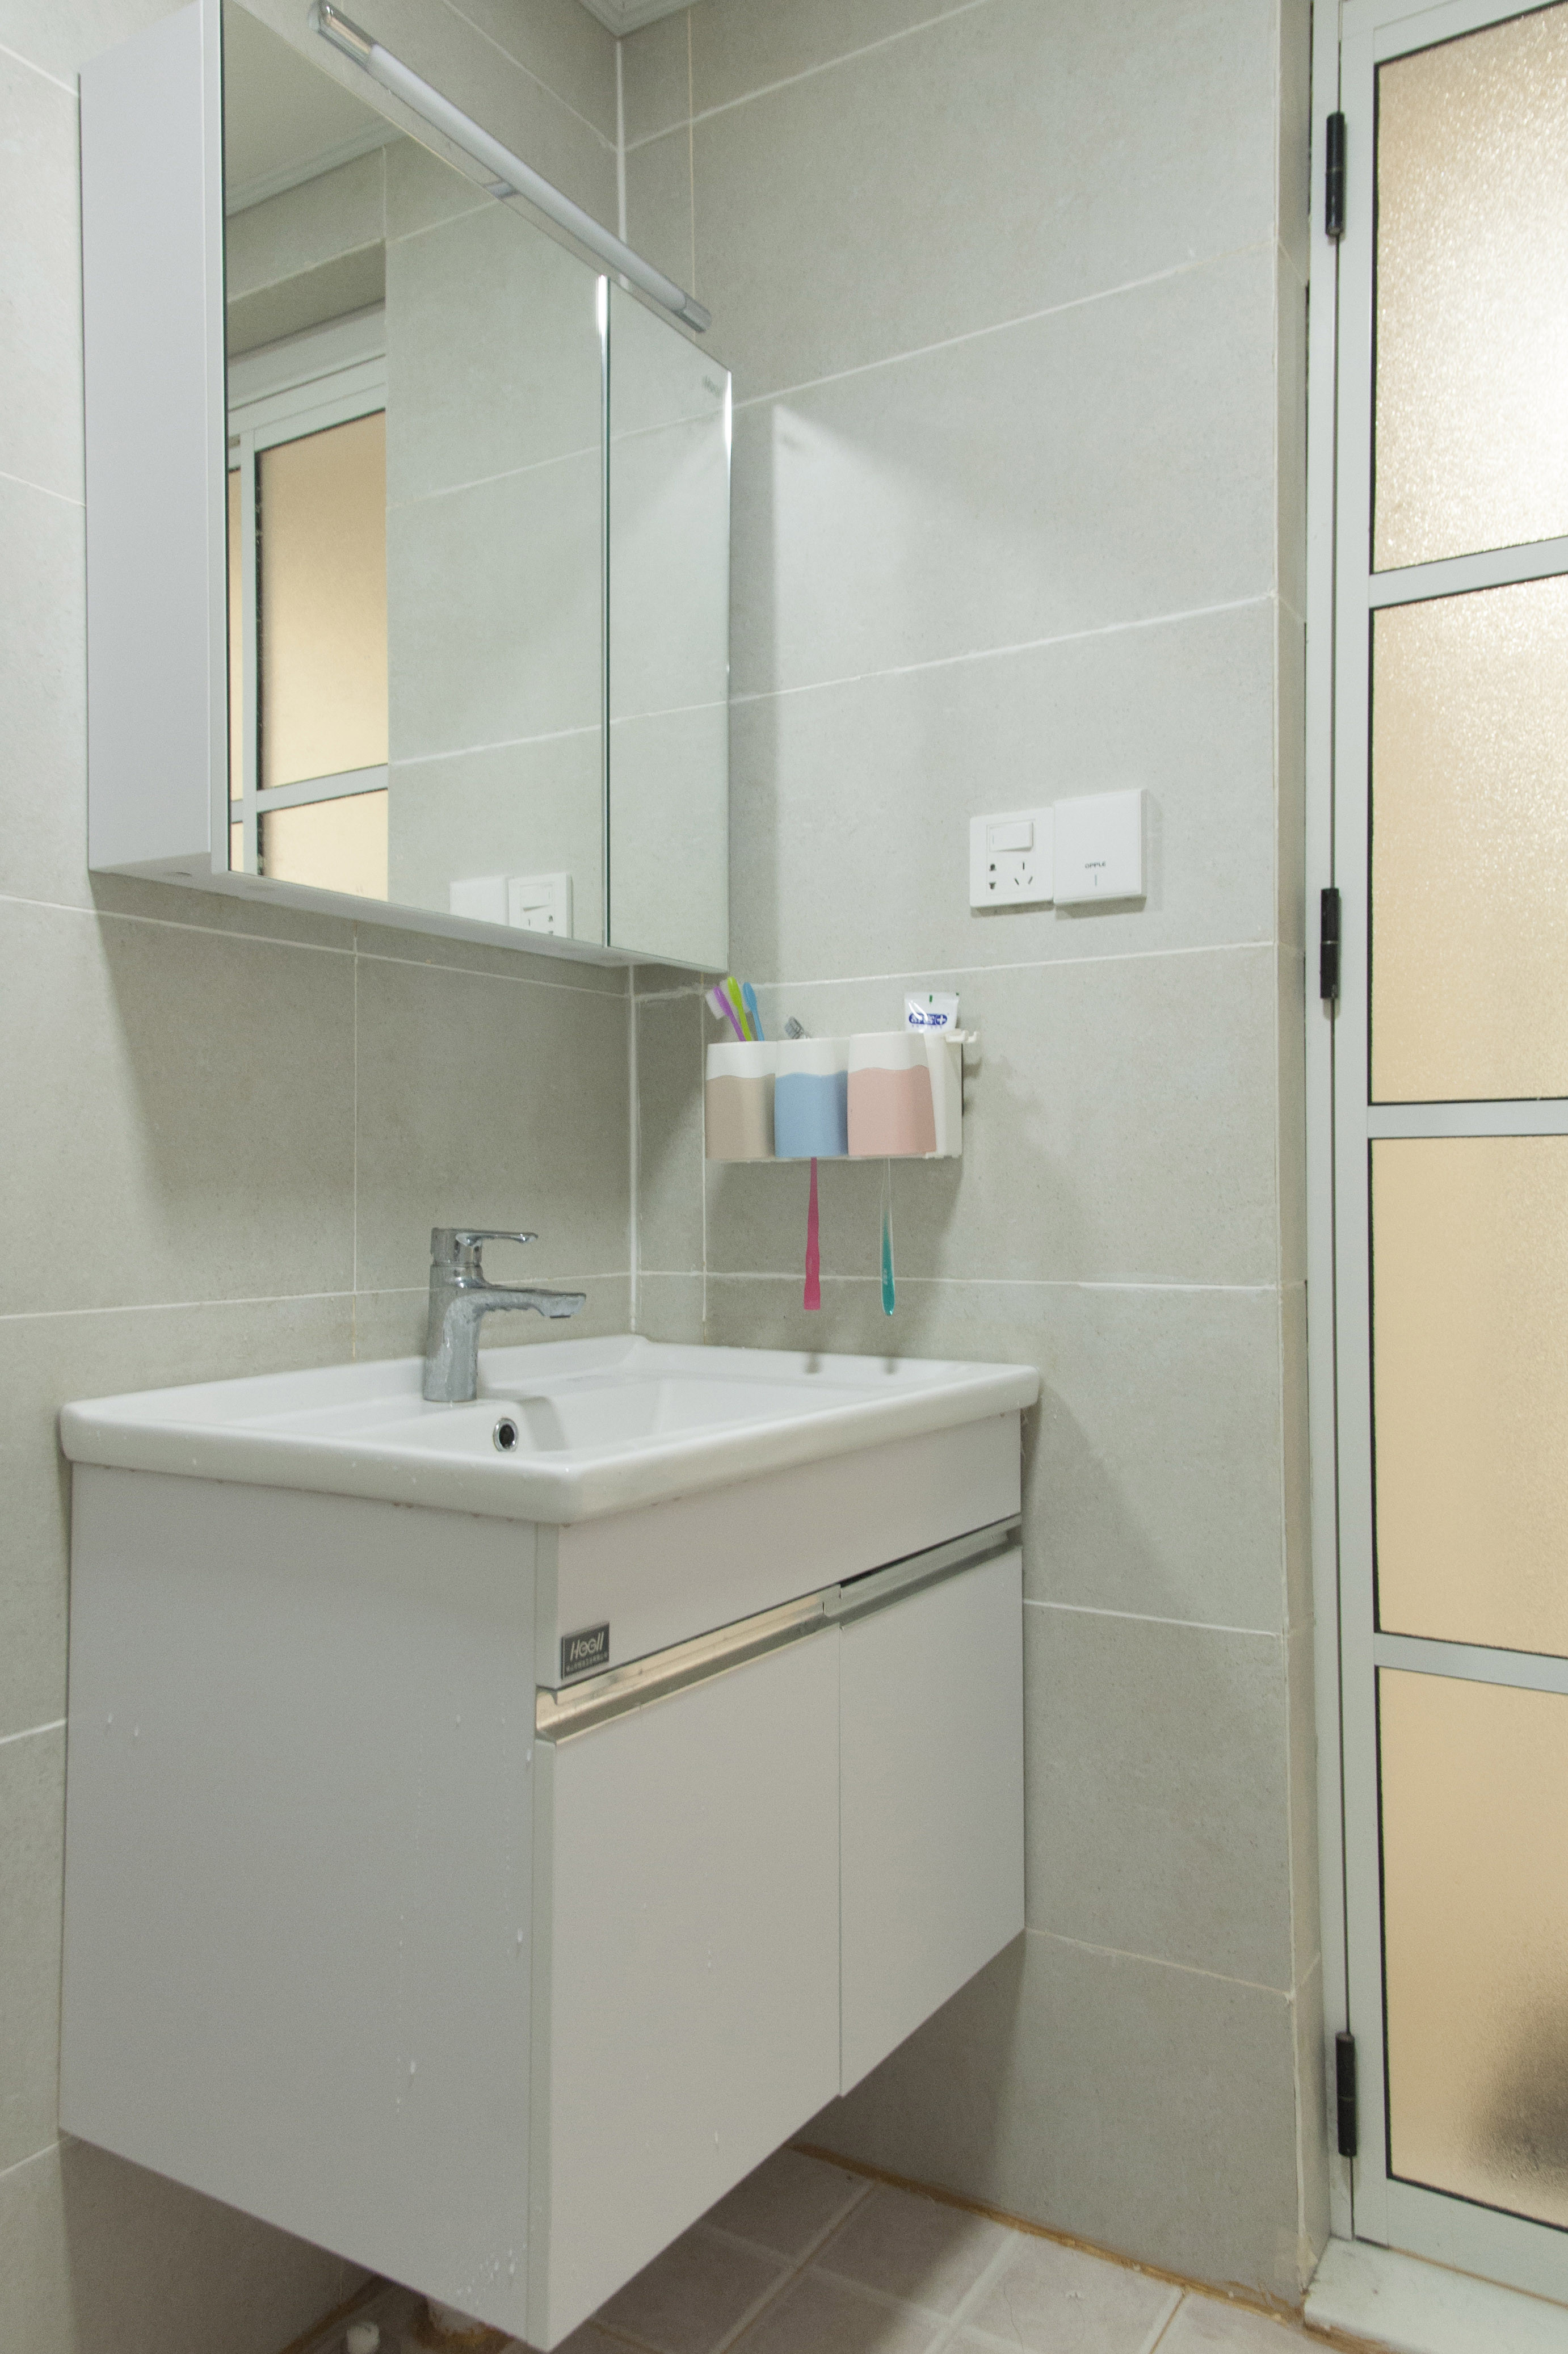 三居室北欧风格家洗手台图片